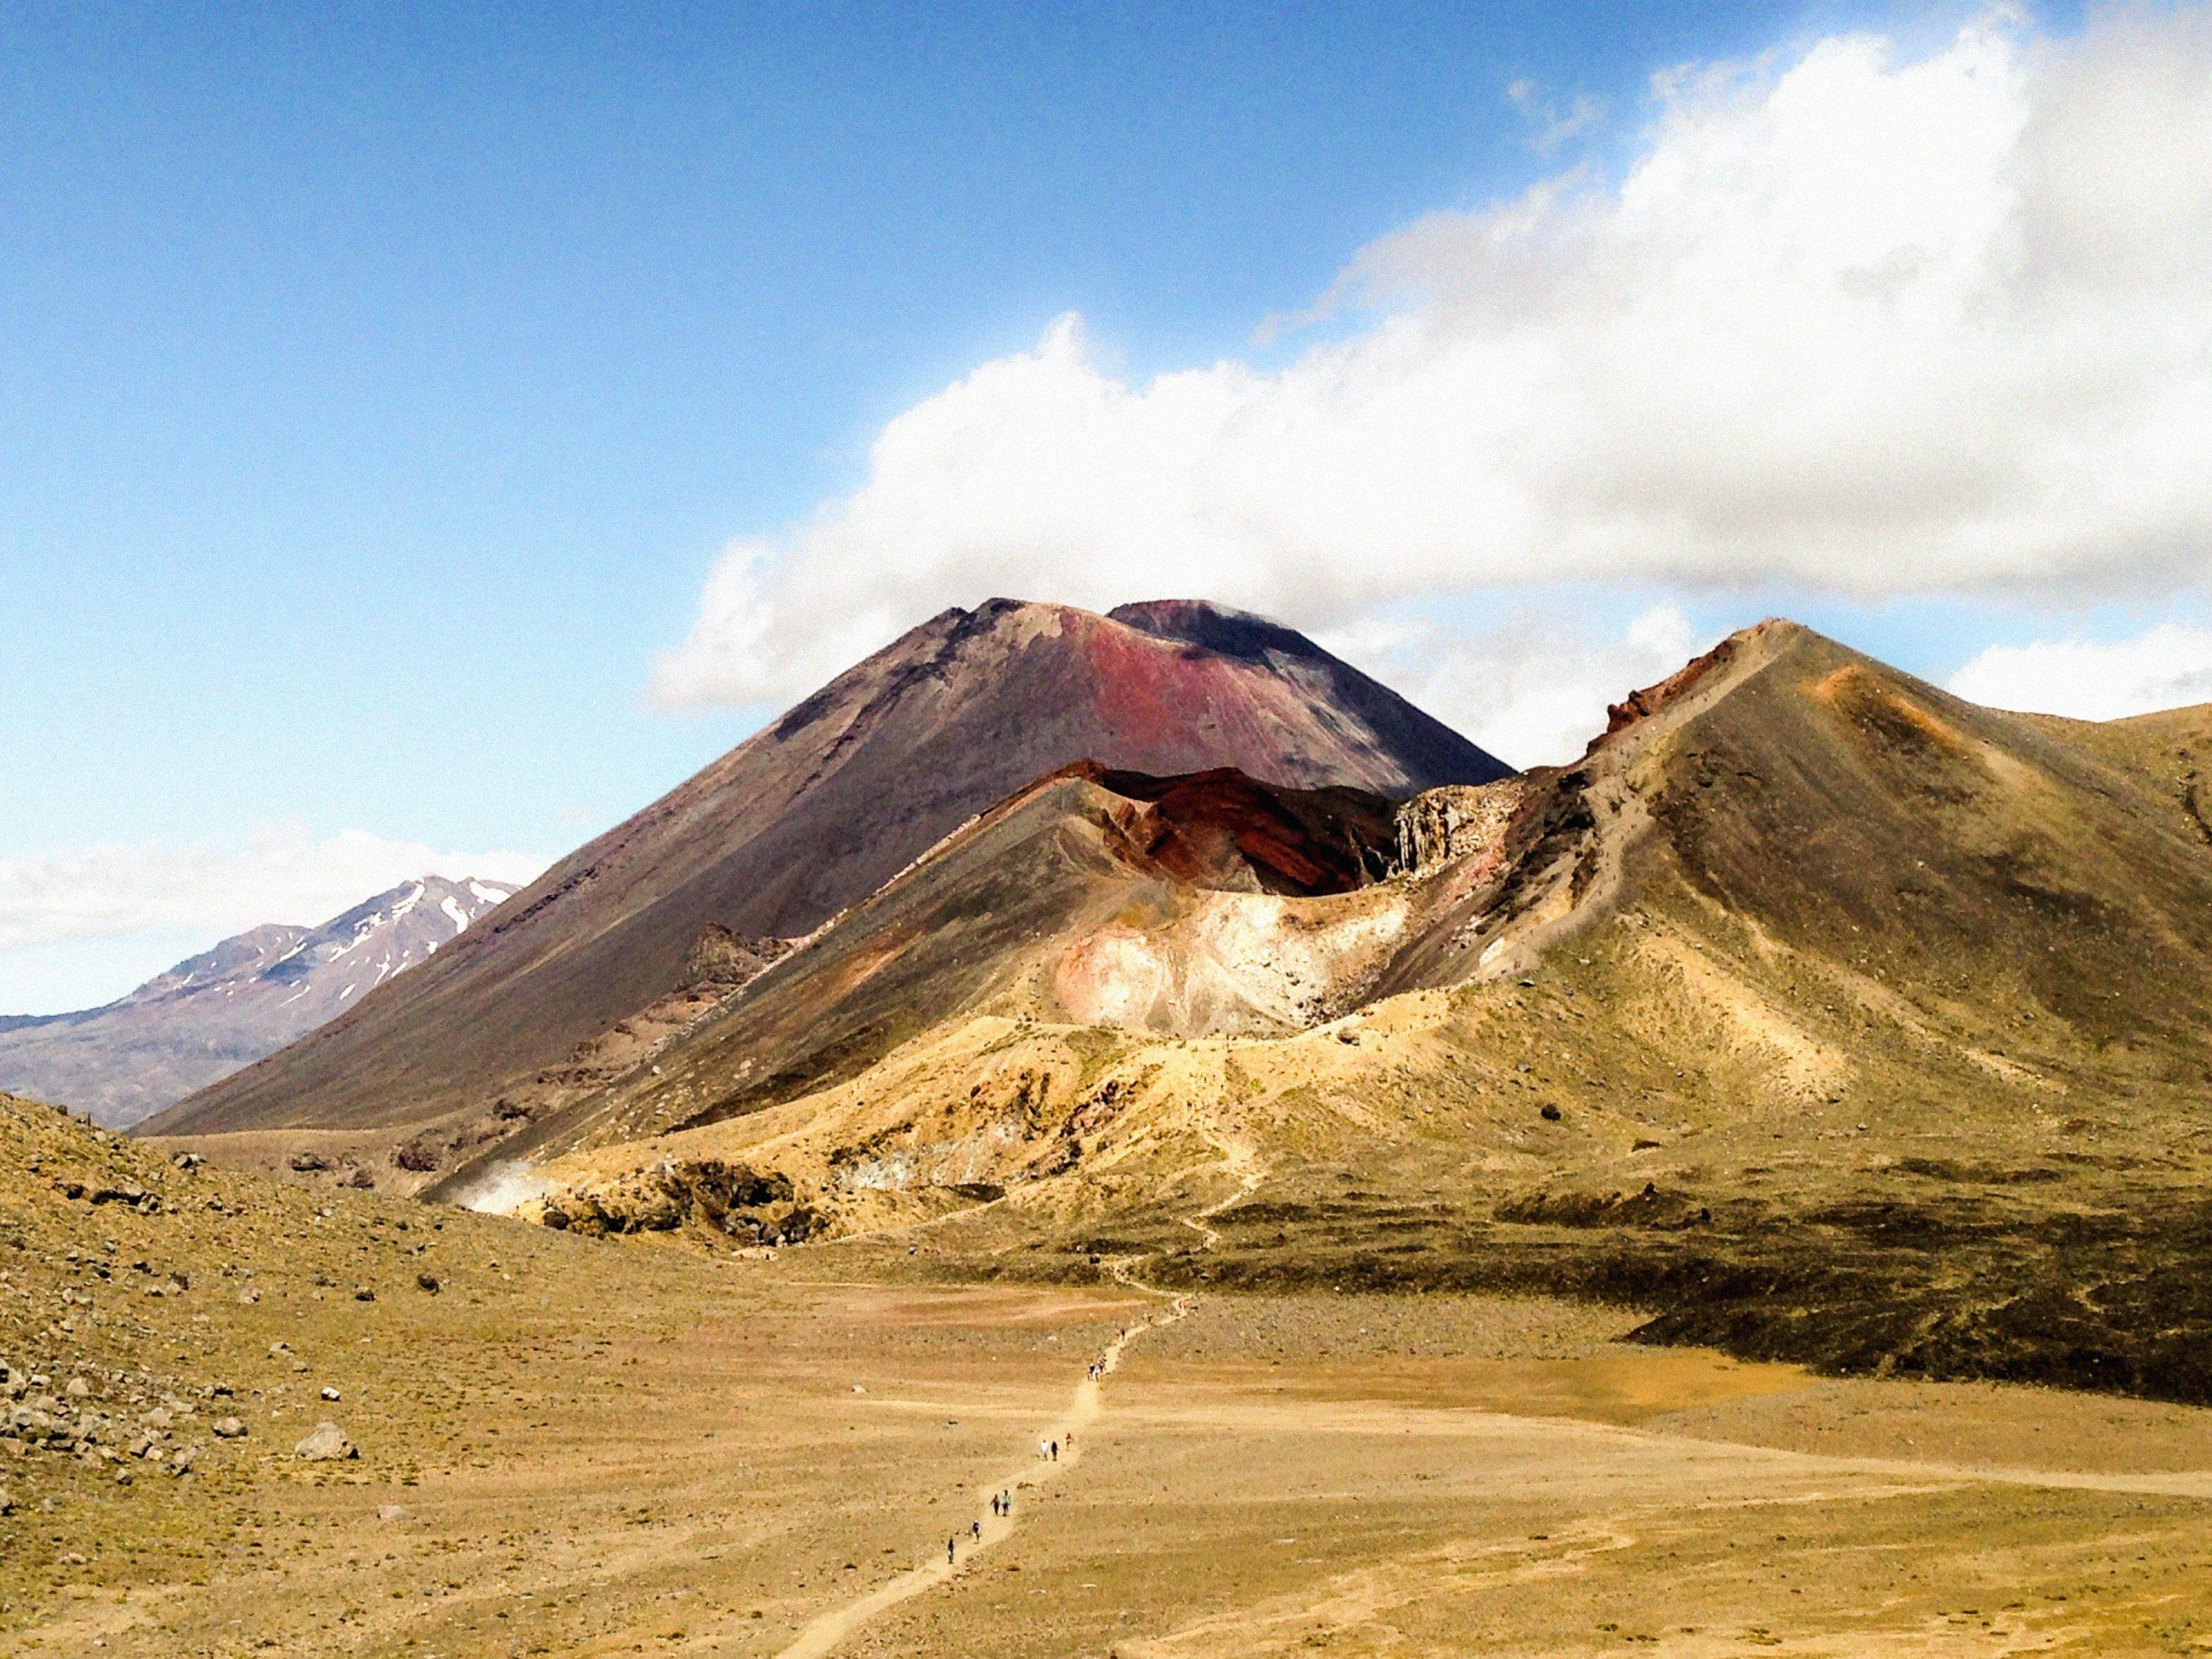 Récit de notre road trip en Nouvelle-Zélande